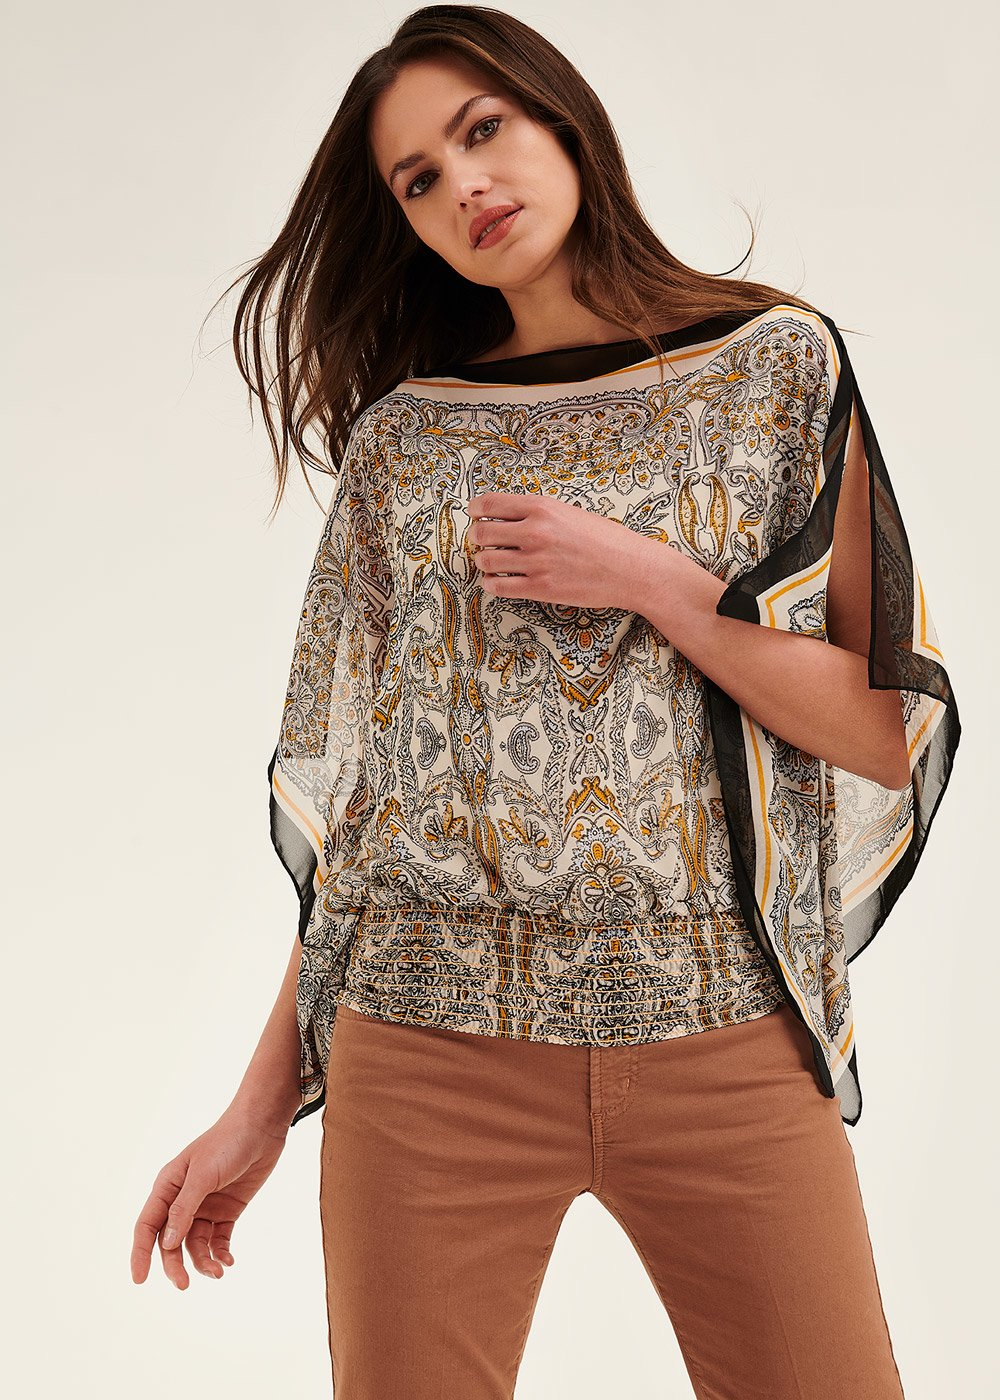 T-shirt Stephany modello fazzoletto - L.beige / Sole / Fantasia - Donna